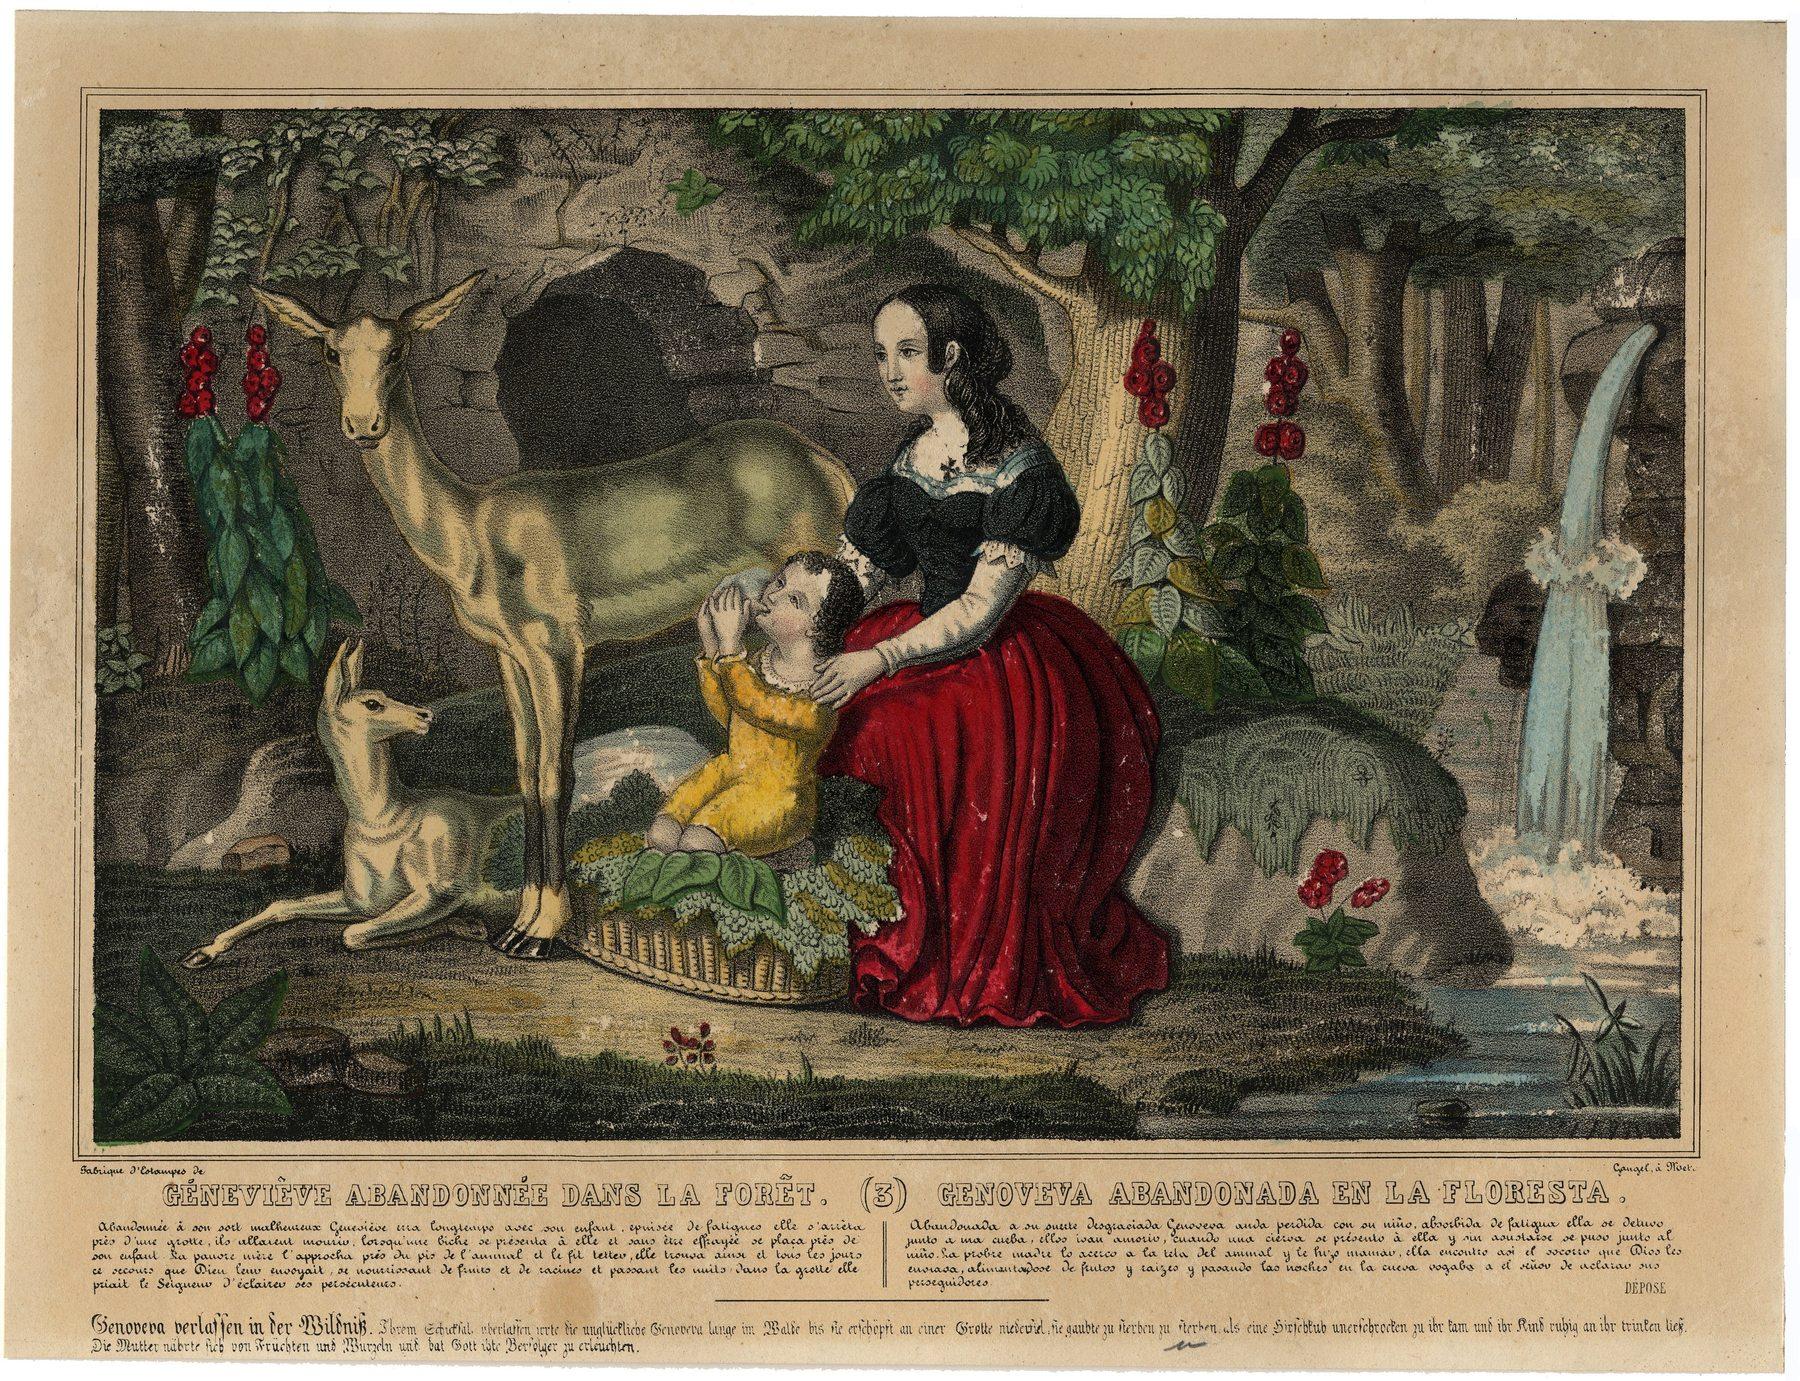 Contenu du Geneviève abandonnée dans la forêt